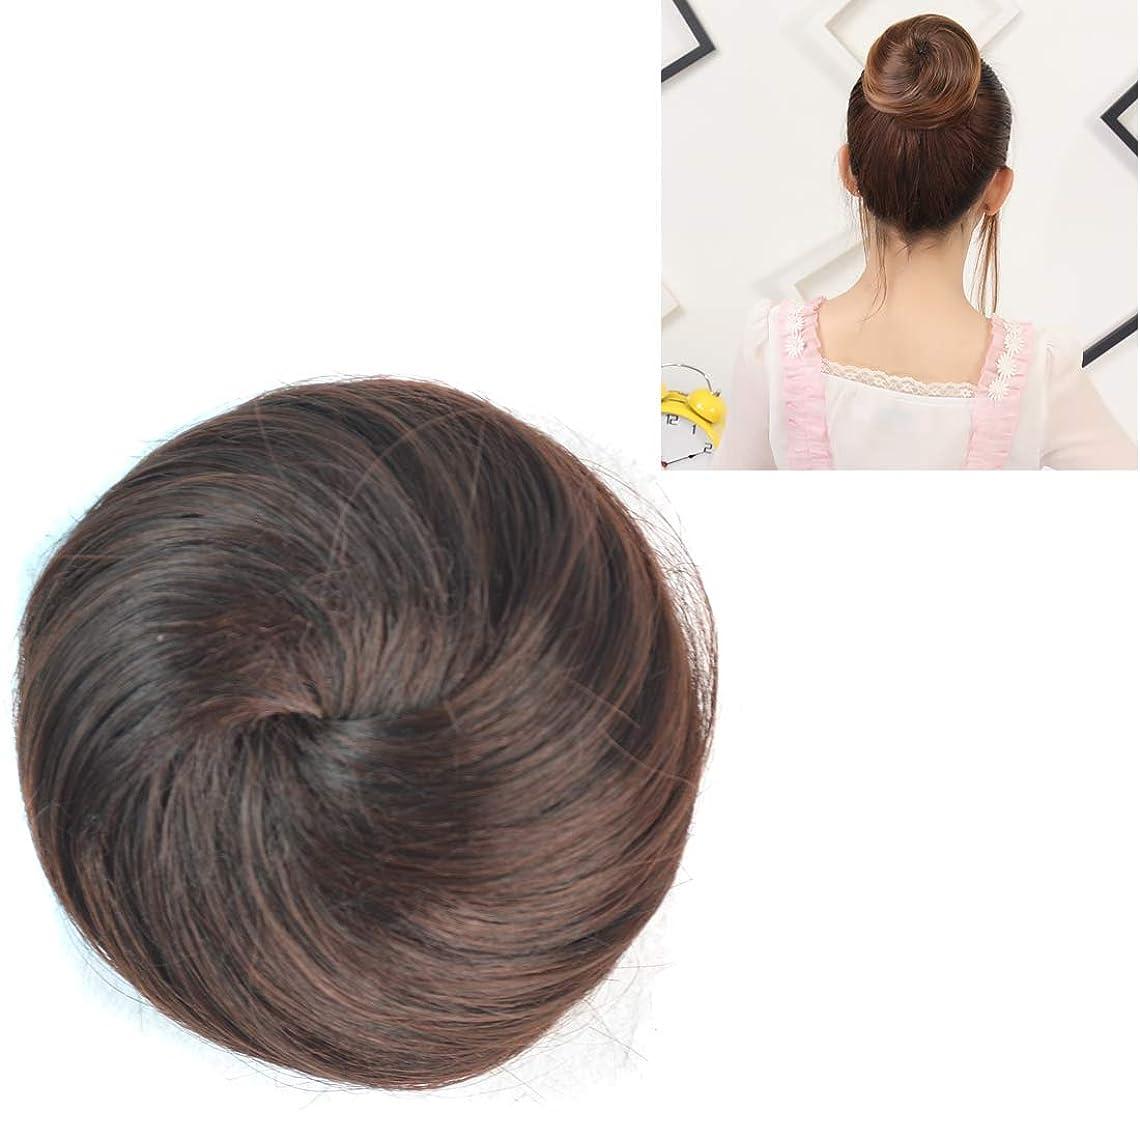 振る舞う進む聴覚障害者美しさ かつらの花の形のヘアパッケージヘアディスク ヘア&シェービング (色 : Dark Brown)